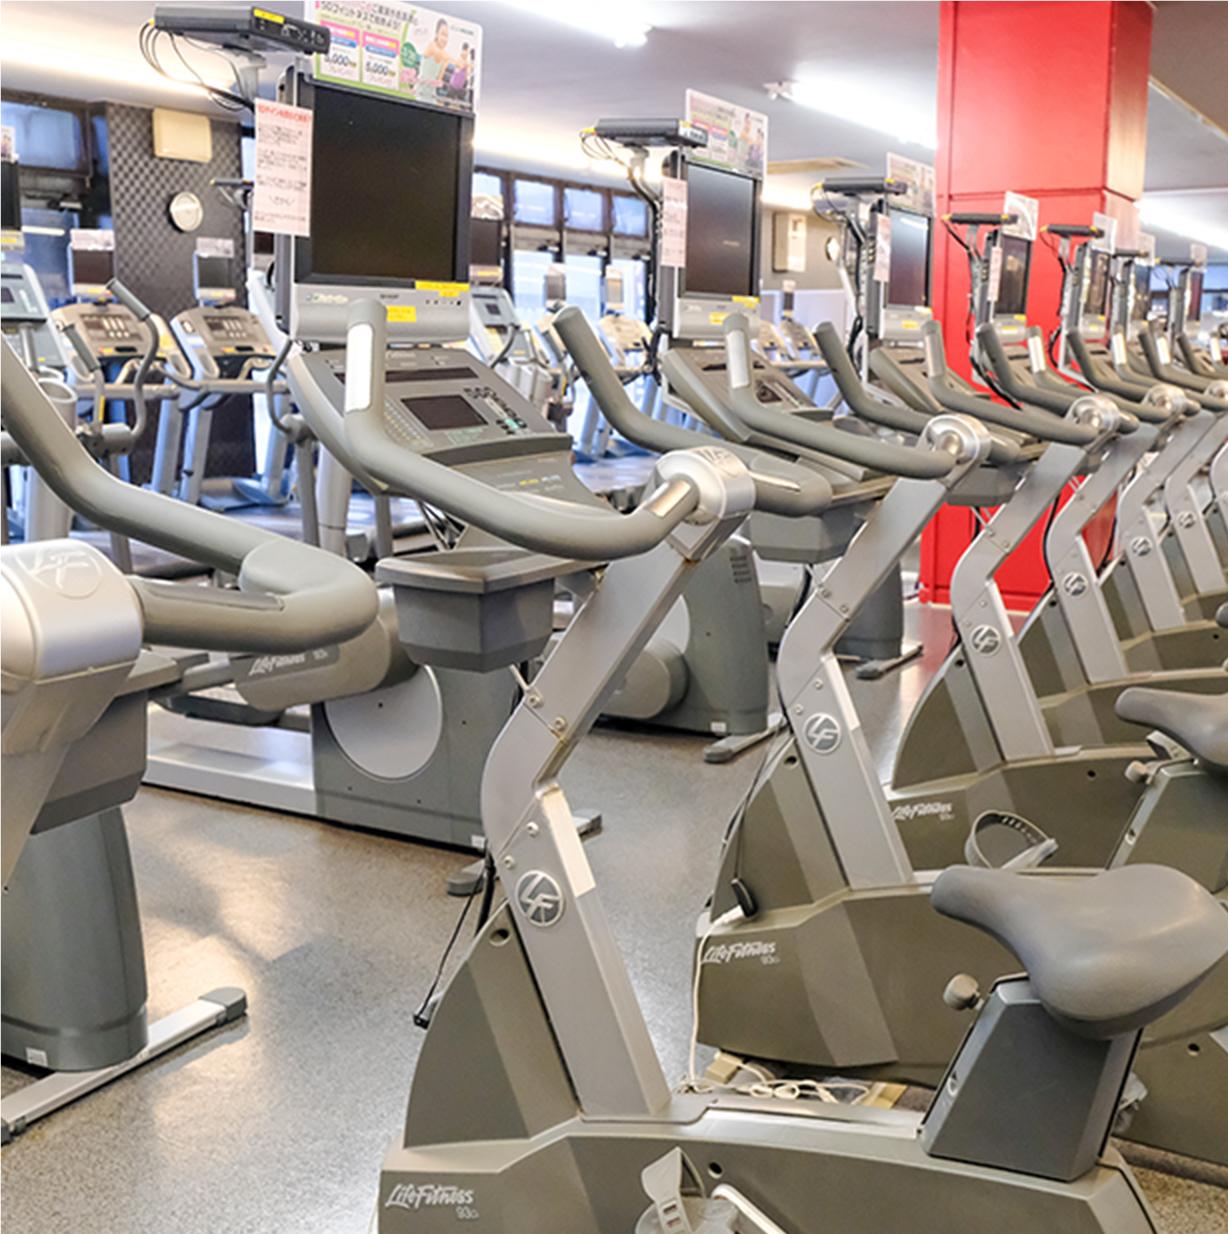 SD fitness(エスディーフィットネス)のジム画像10